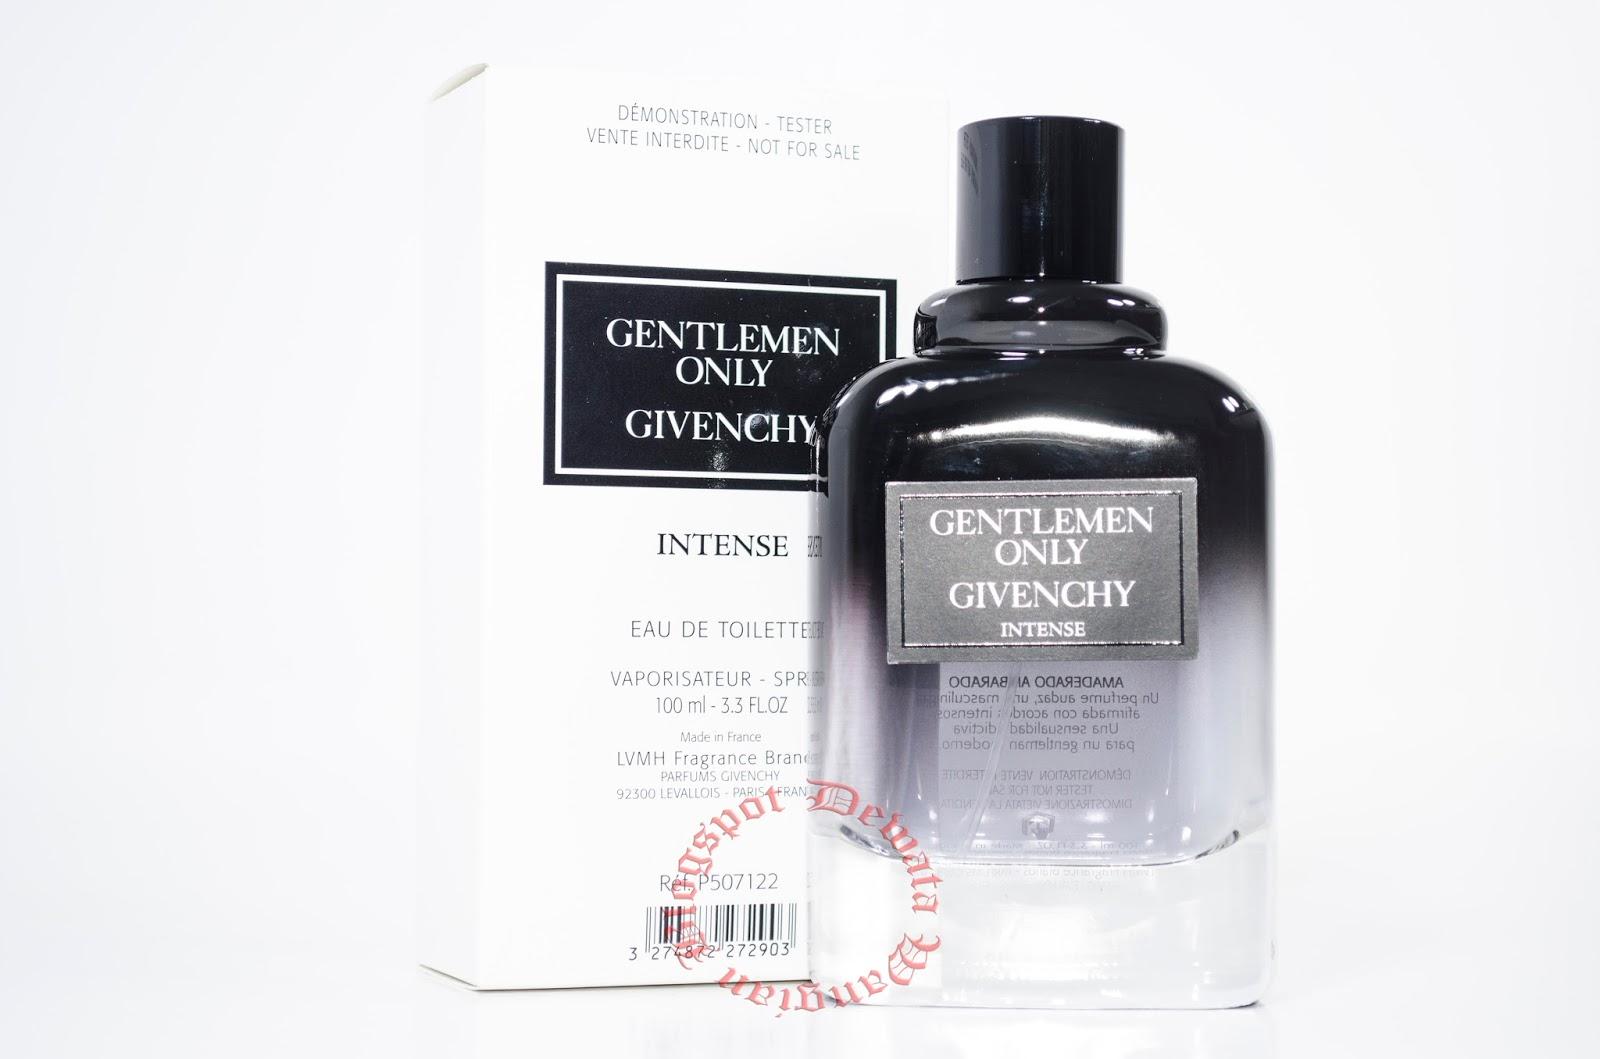 parfum gentlemen givenchy